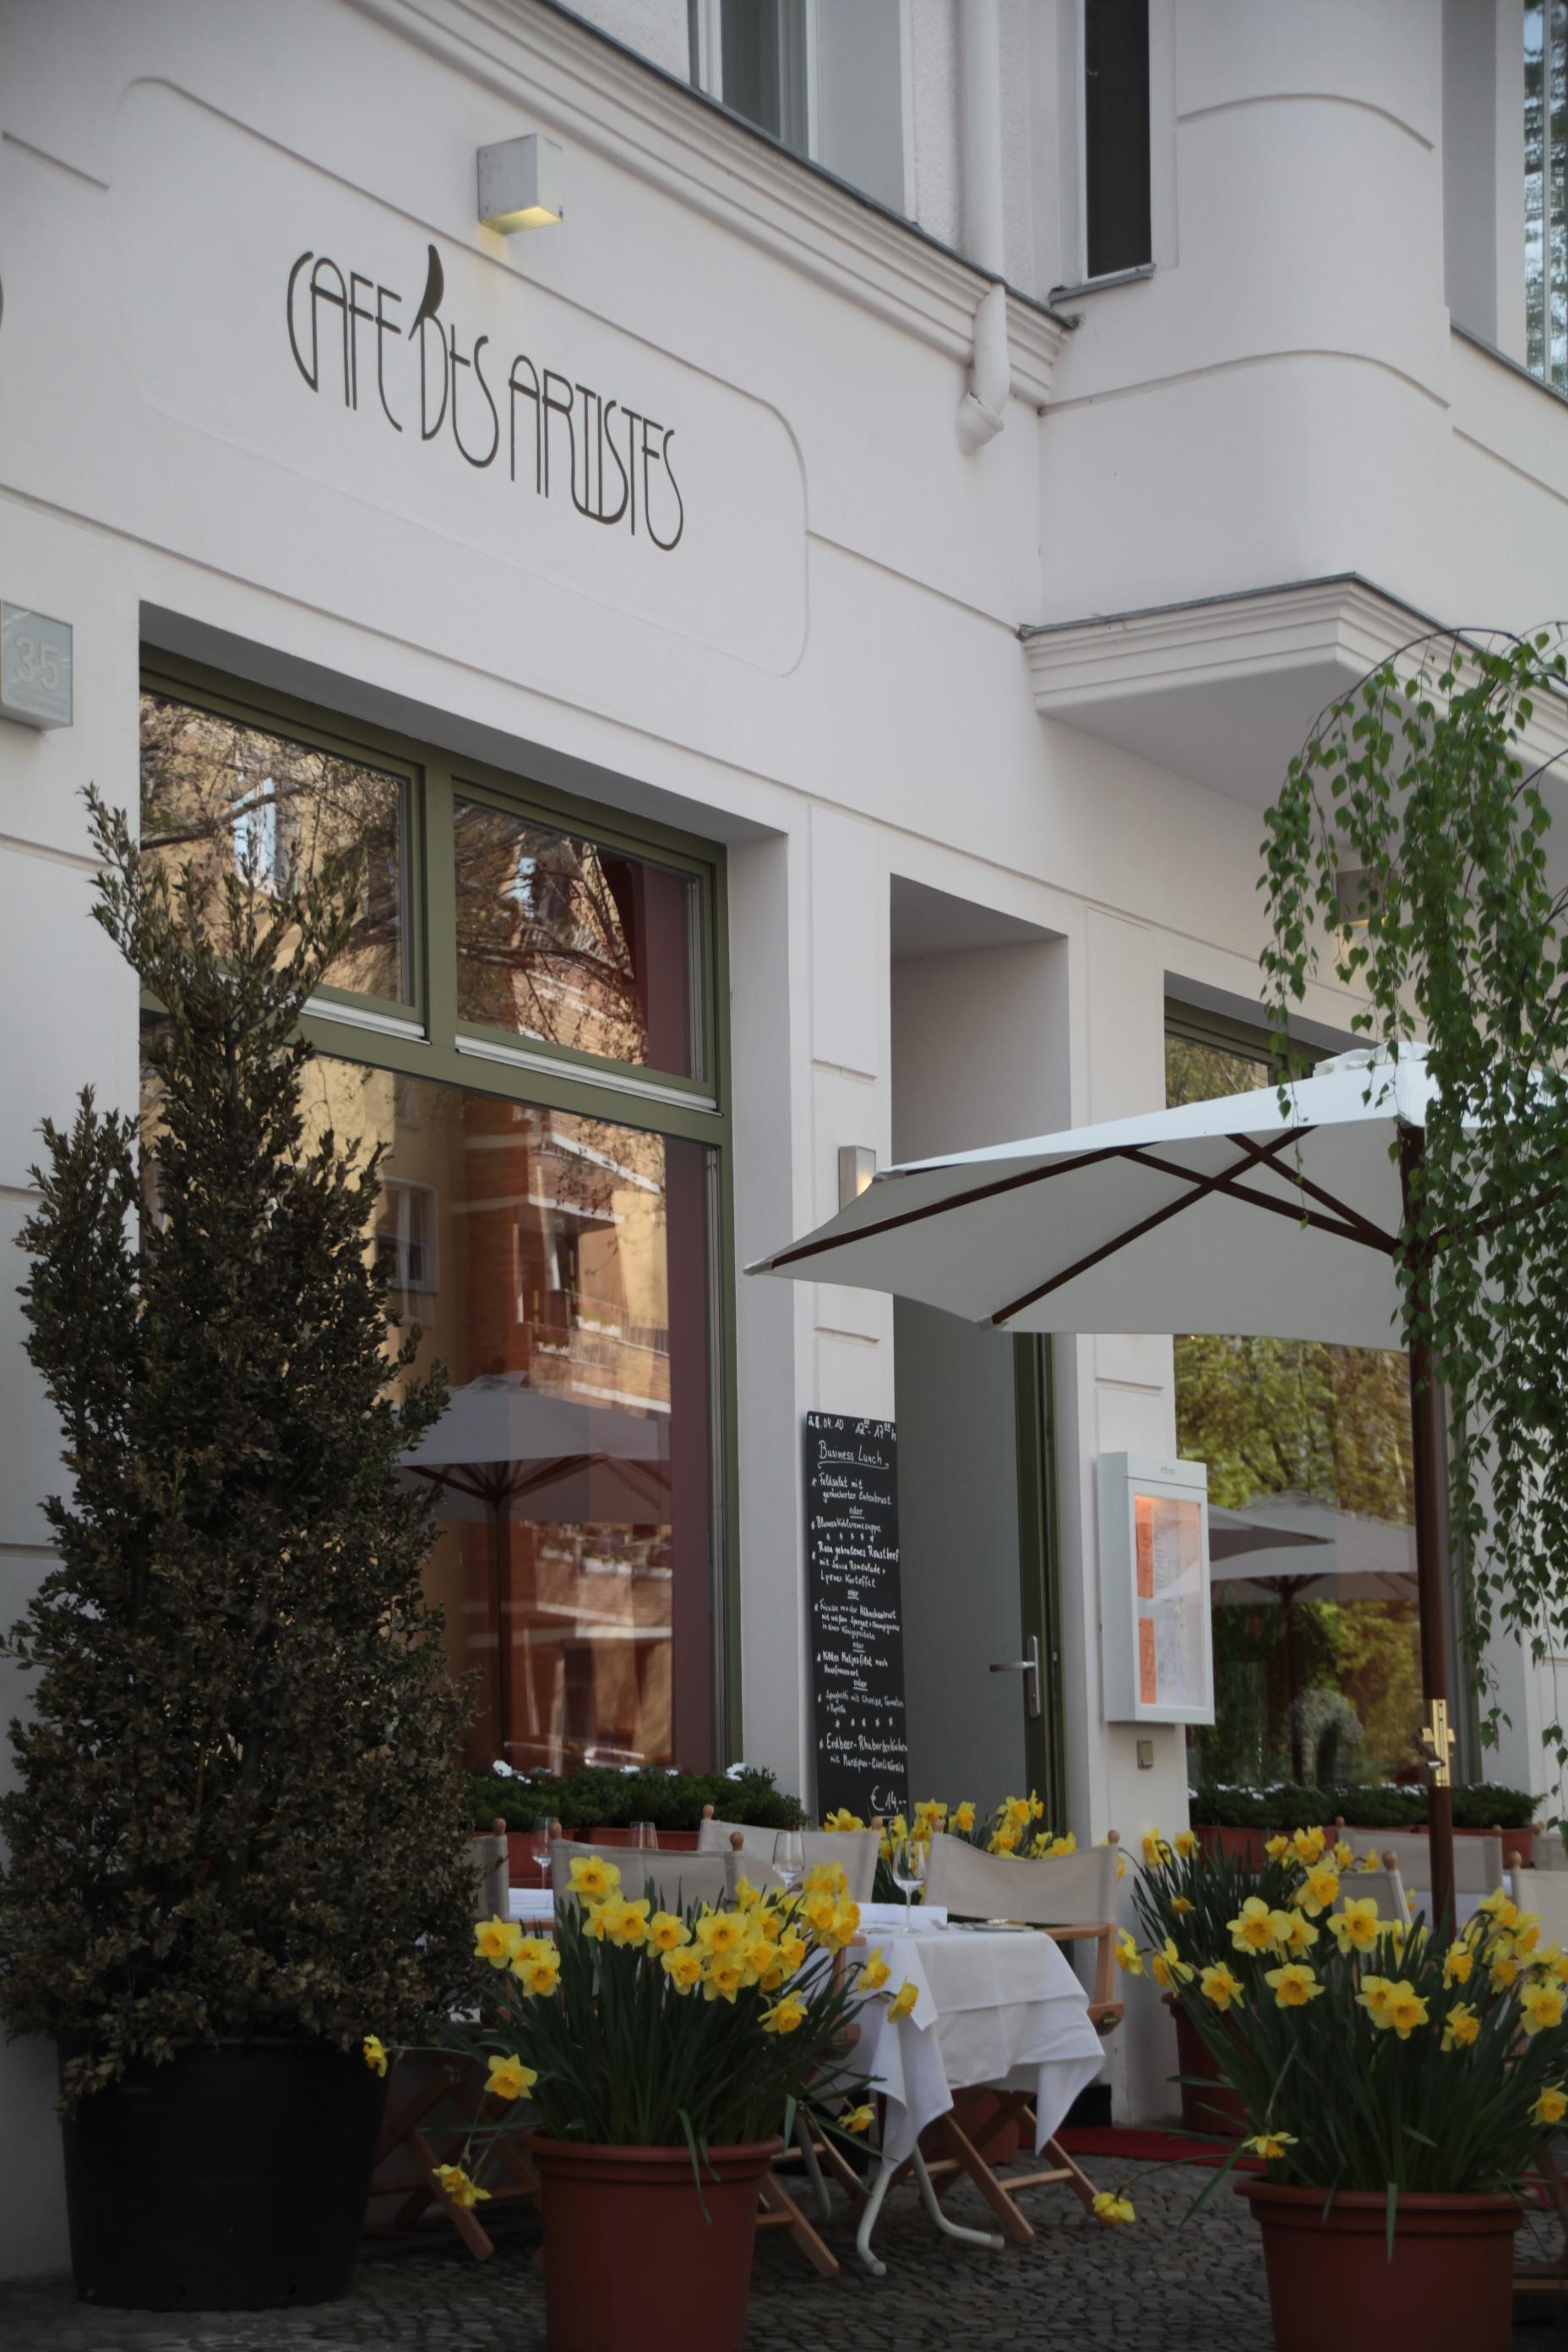 restaurant caf des artistes jetzt mit eigener bar. Black Bedroom Furniture Sets. Home Design Ideas